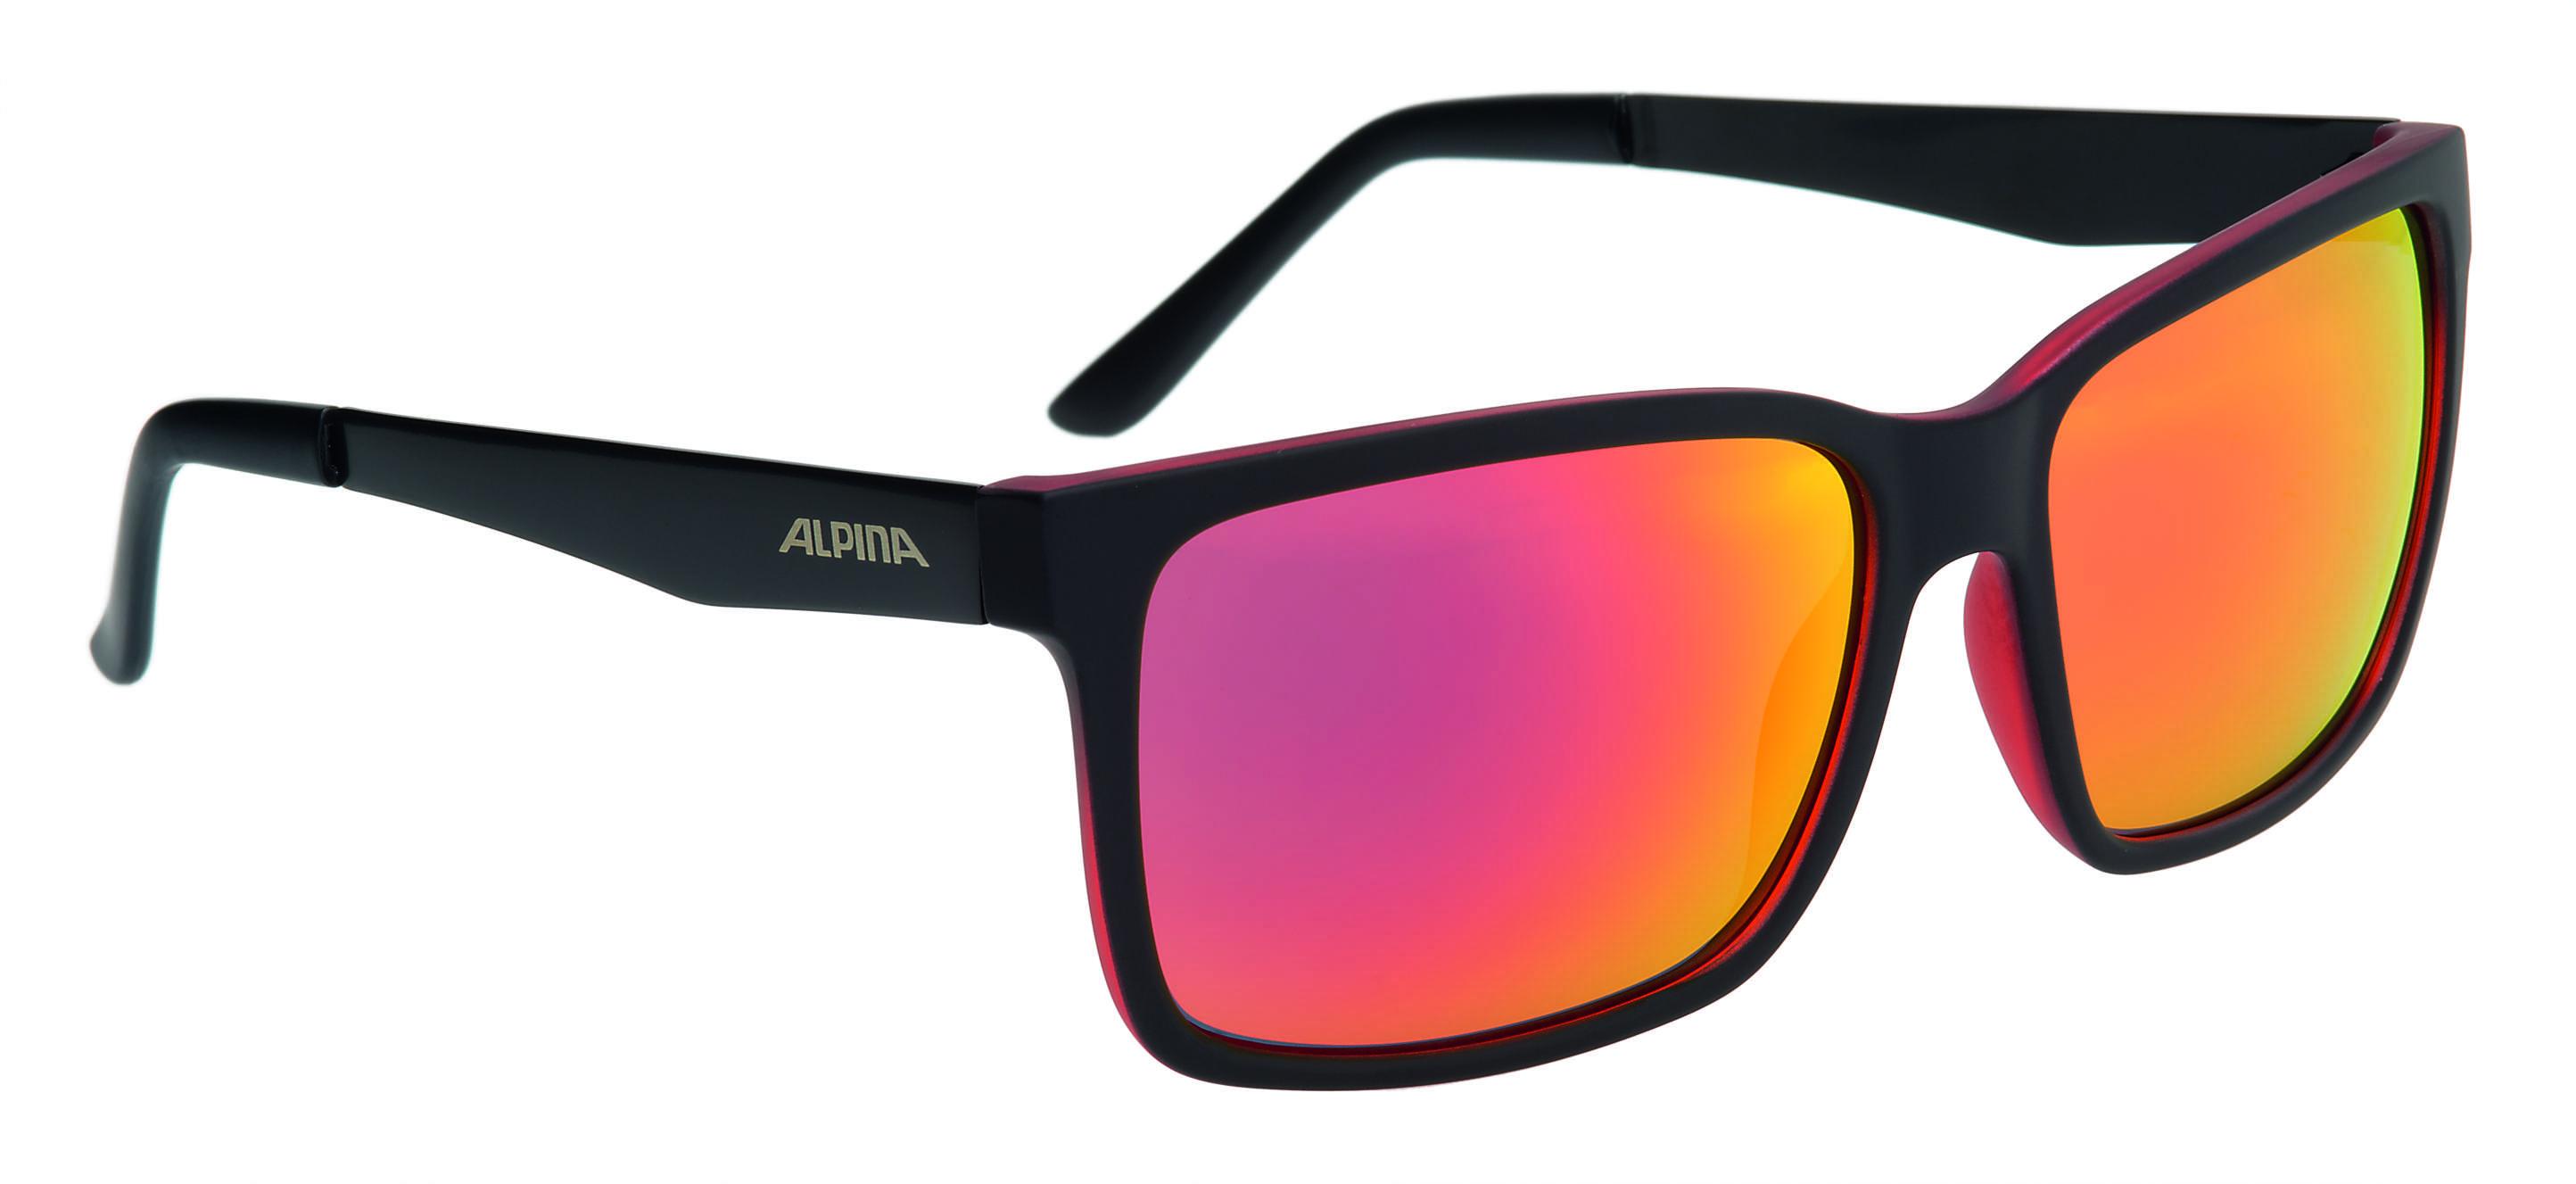 Купить Очки солнцезащитные Alpina SPORT STYLE DON HUGO black matt-red, солнцезащитные, 1180575